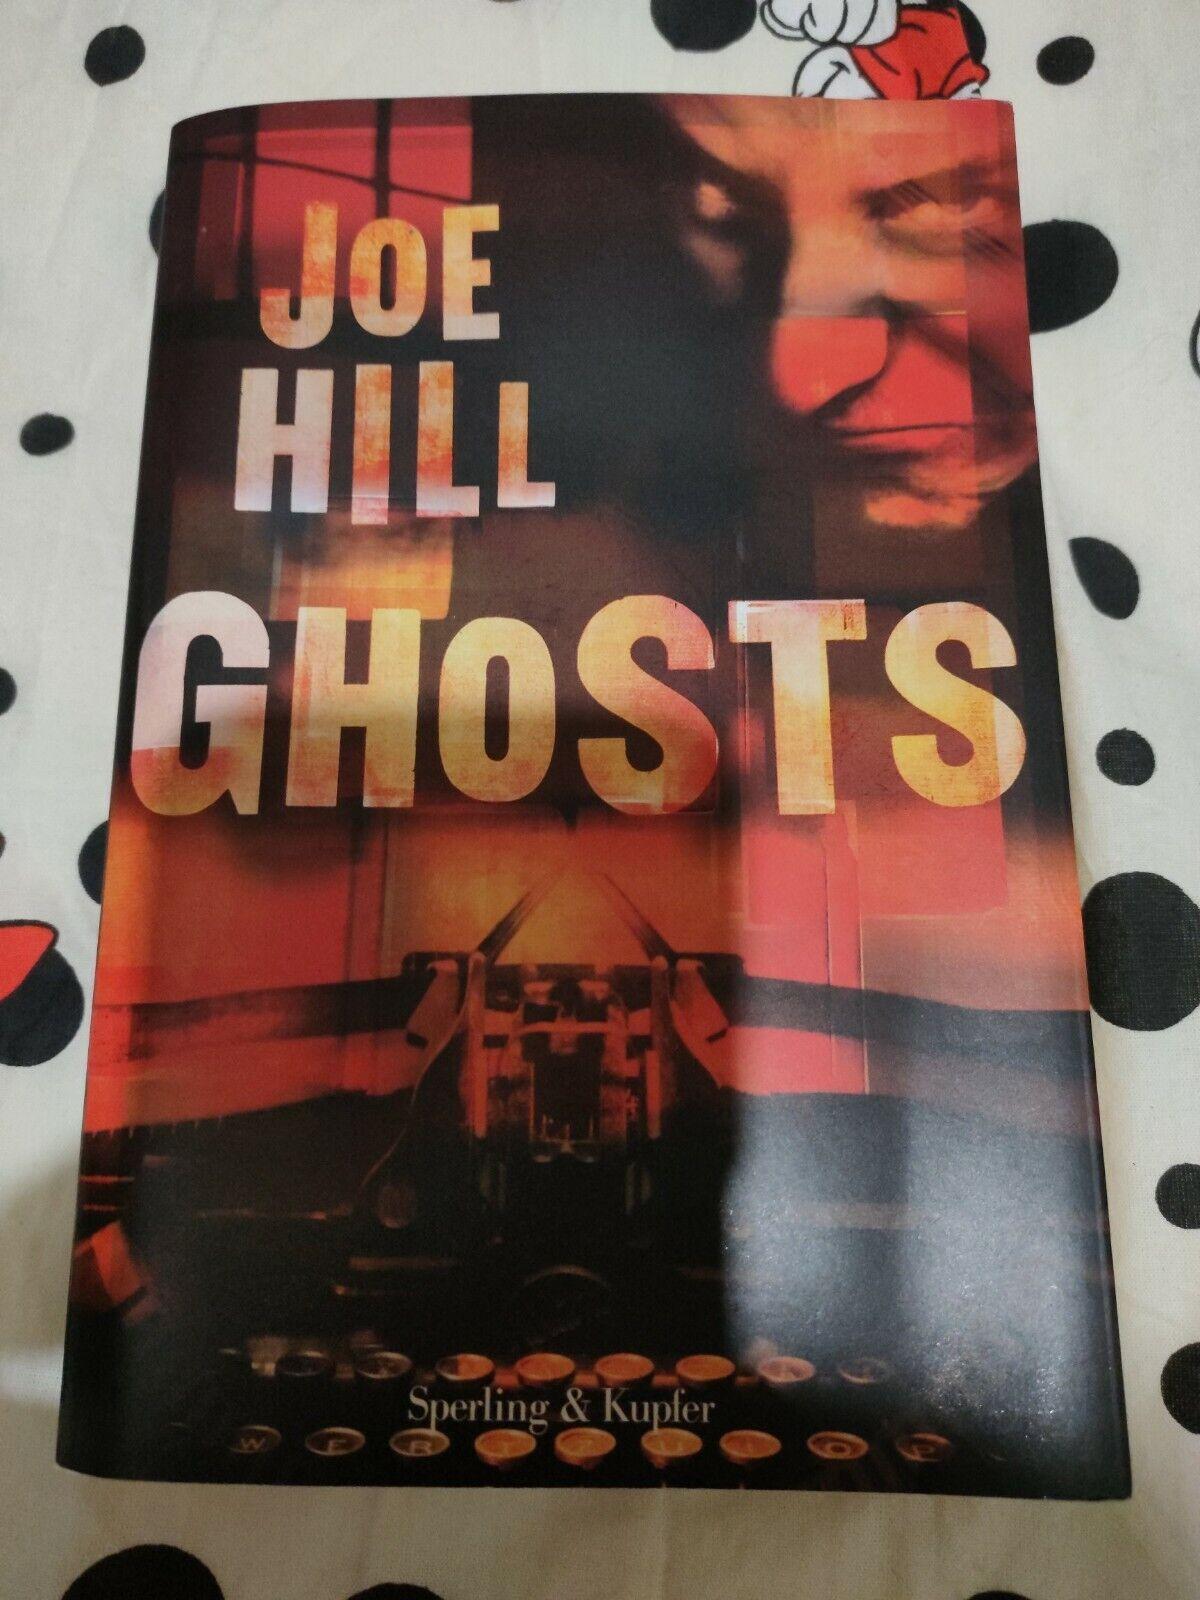 JOE HILL Ghosts (italiano) 2009 Sperling & Kupfer